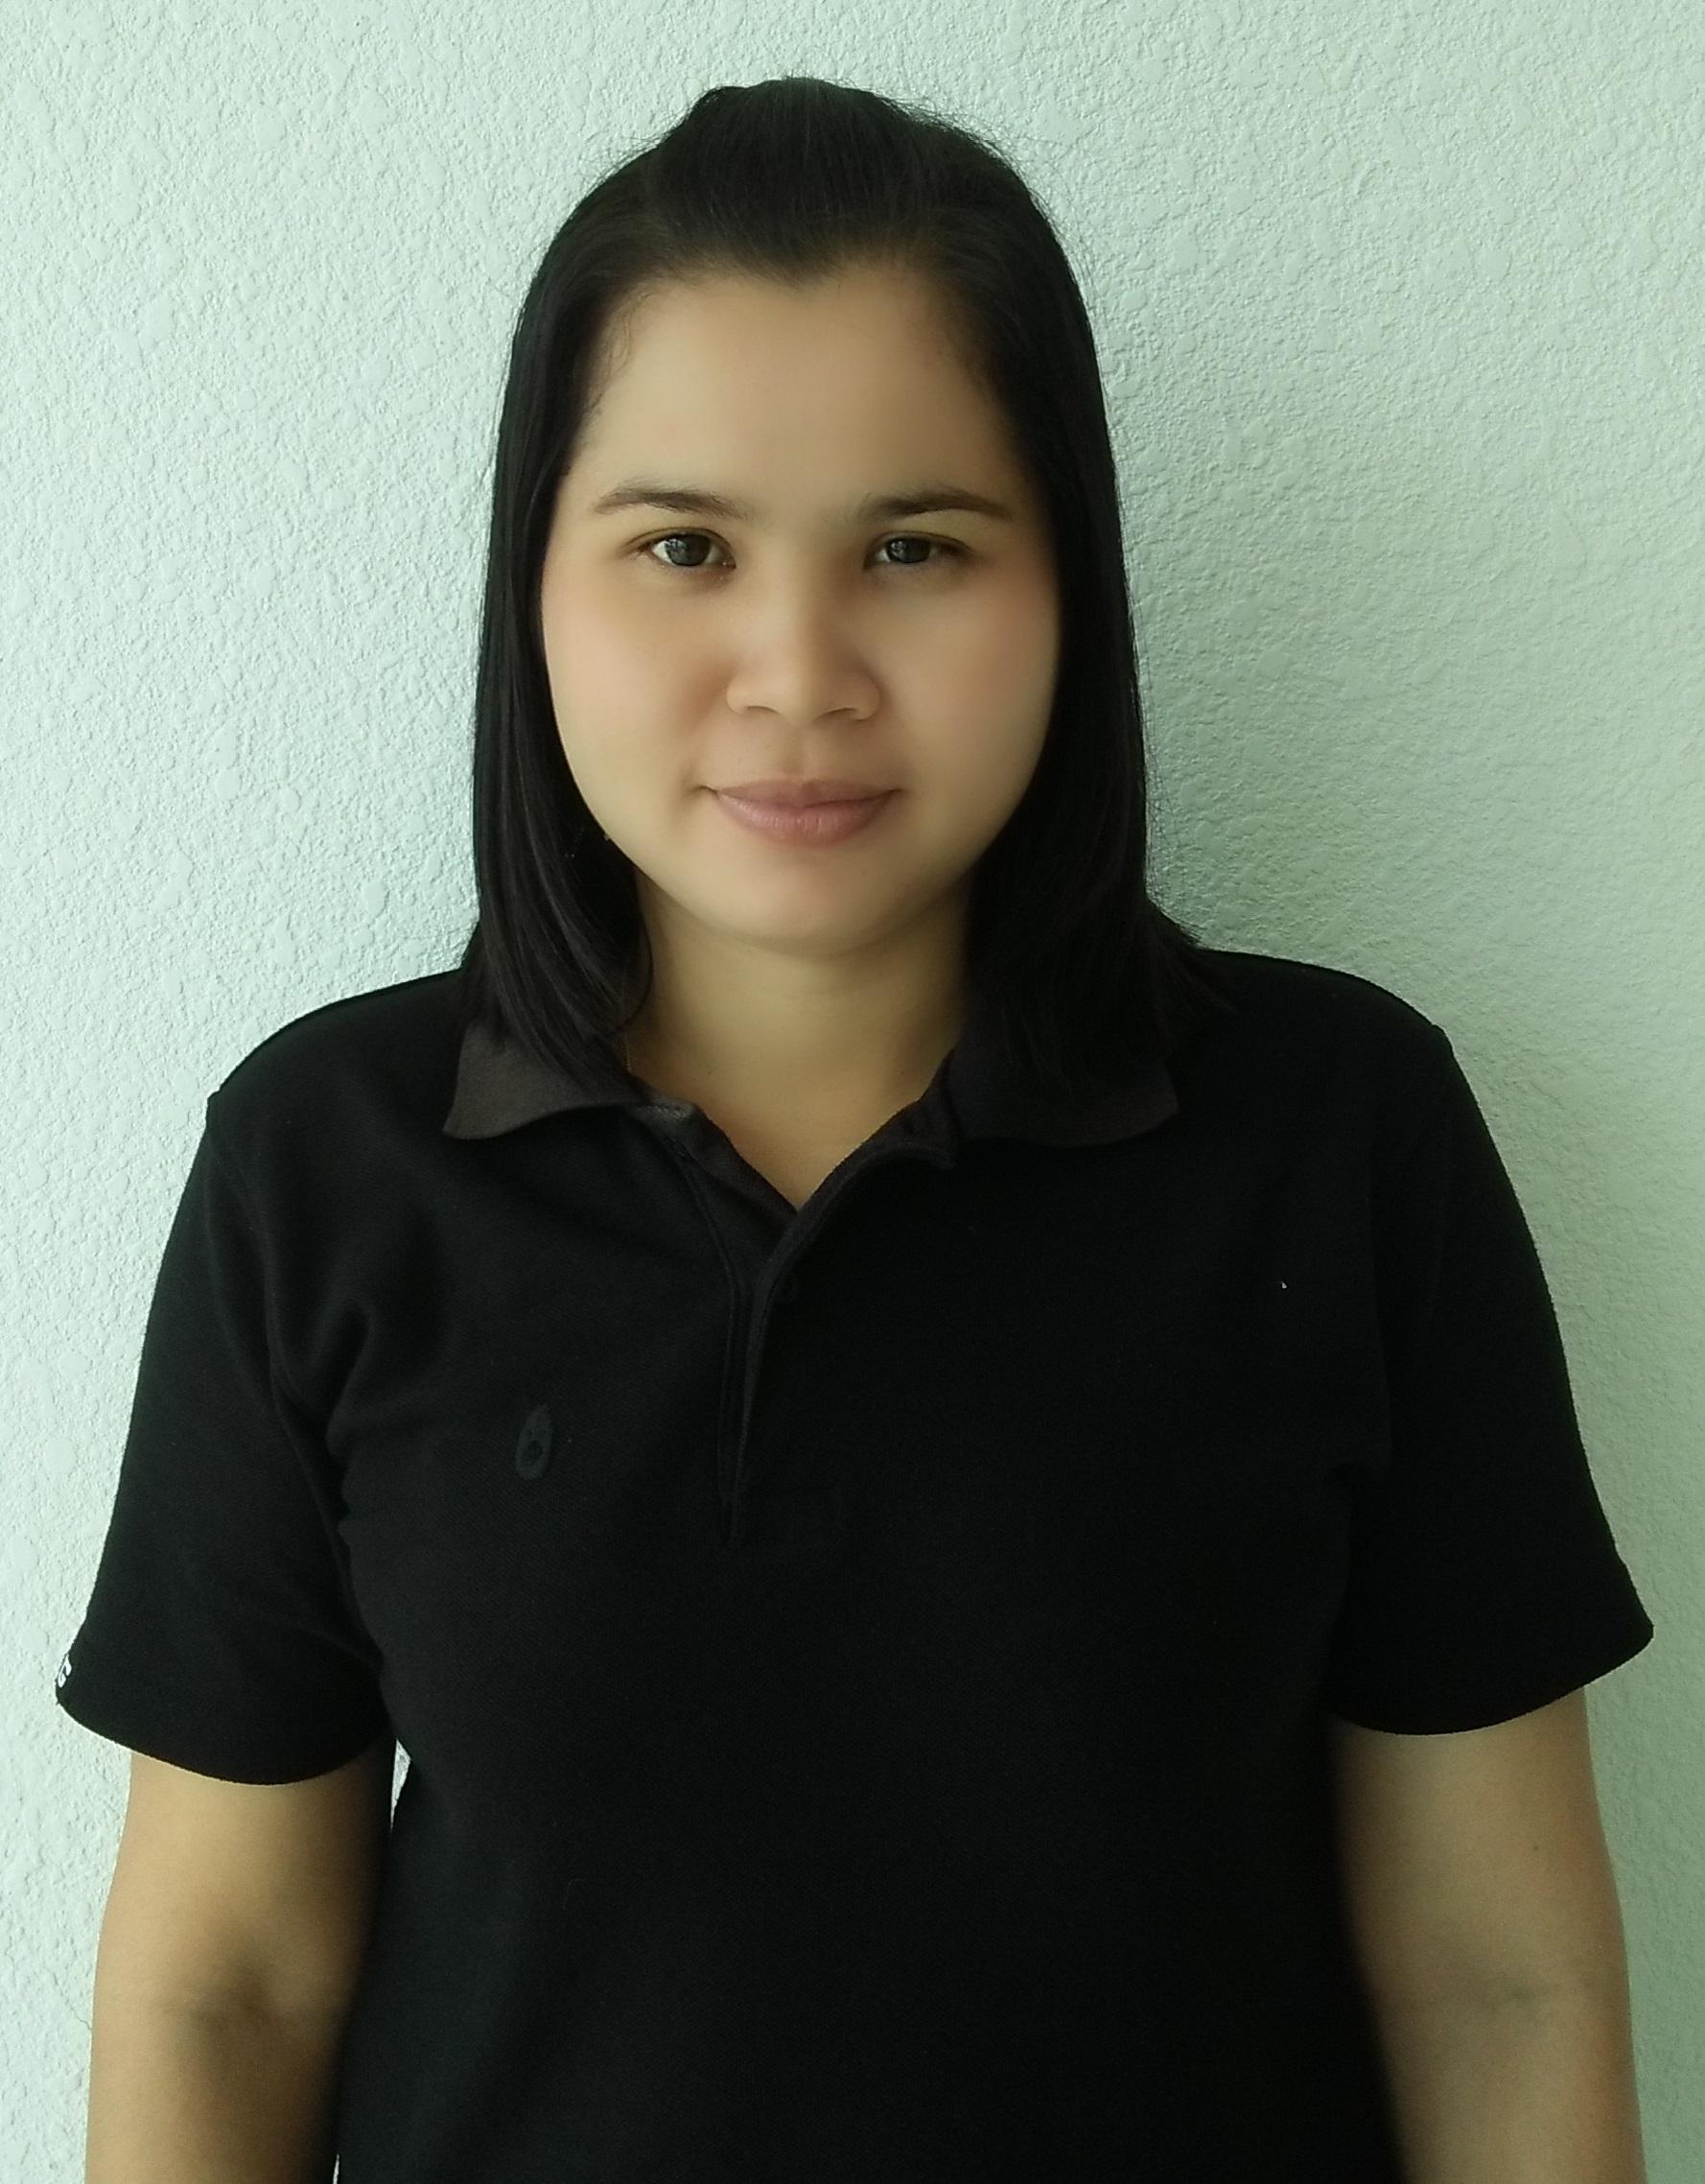 Miss Boontom Hantam